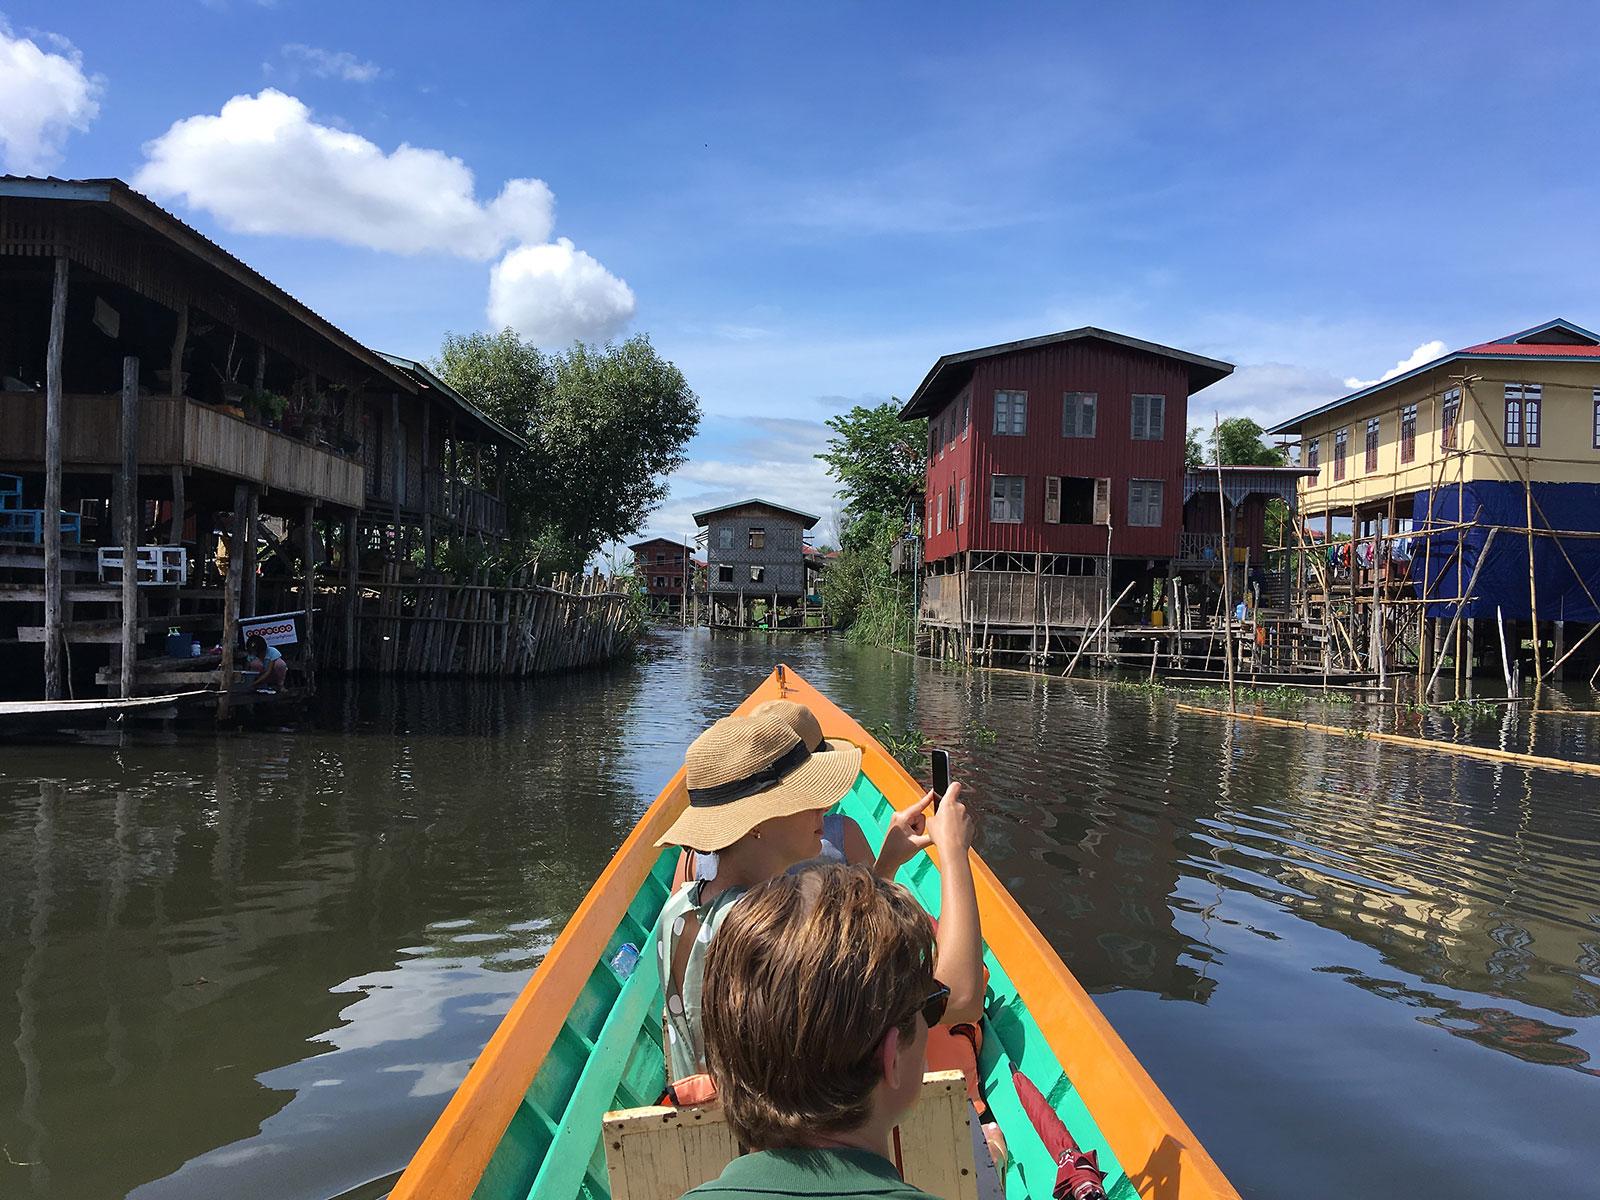 reisspecialist lauren ter borg favoriete fotos myanmar 3